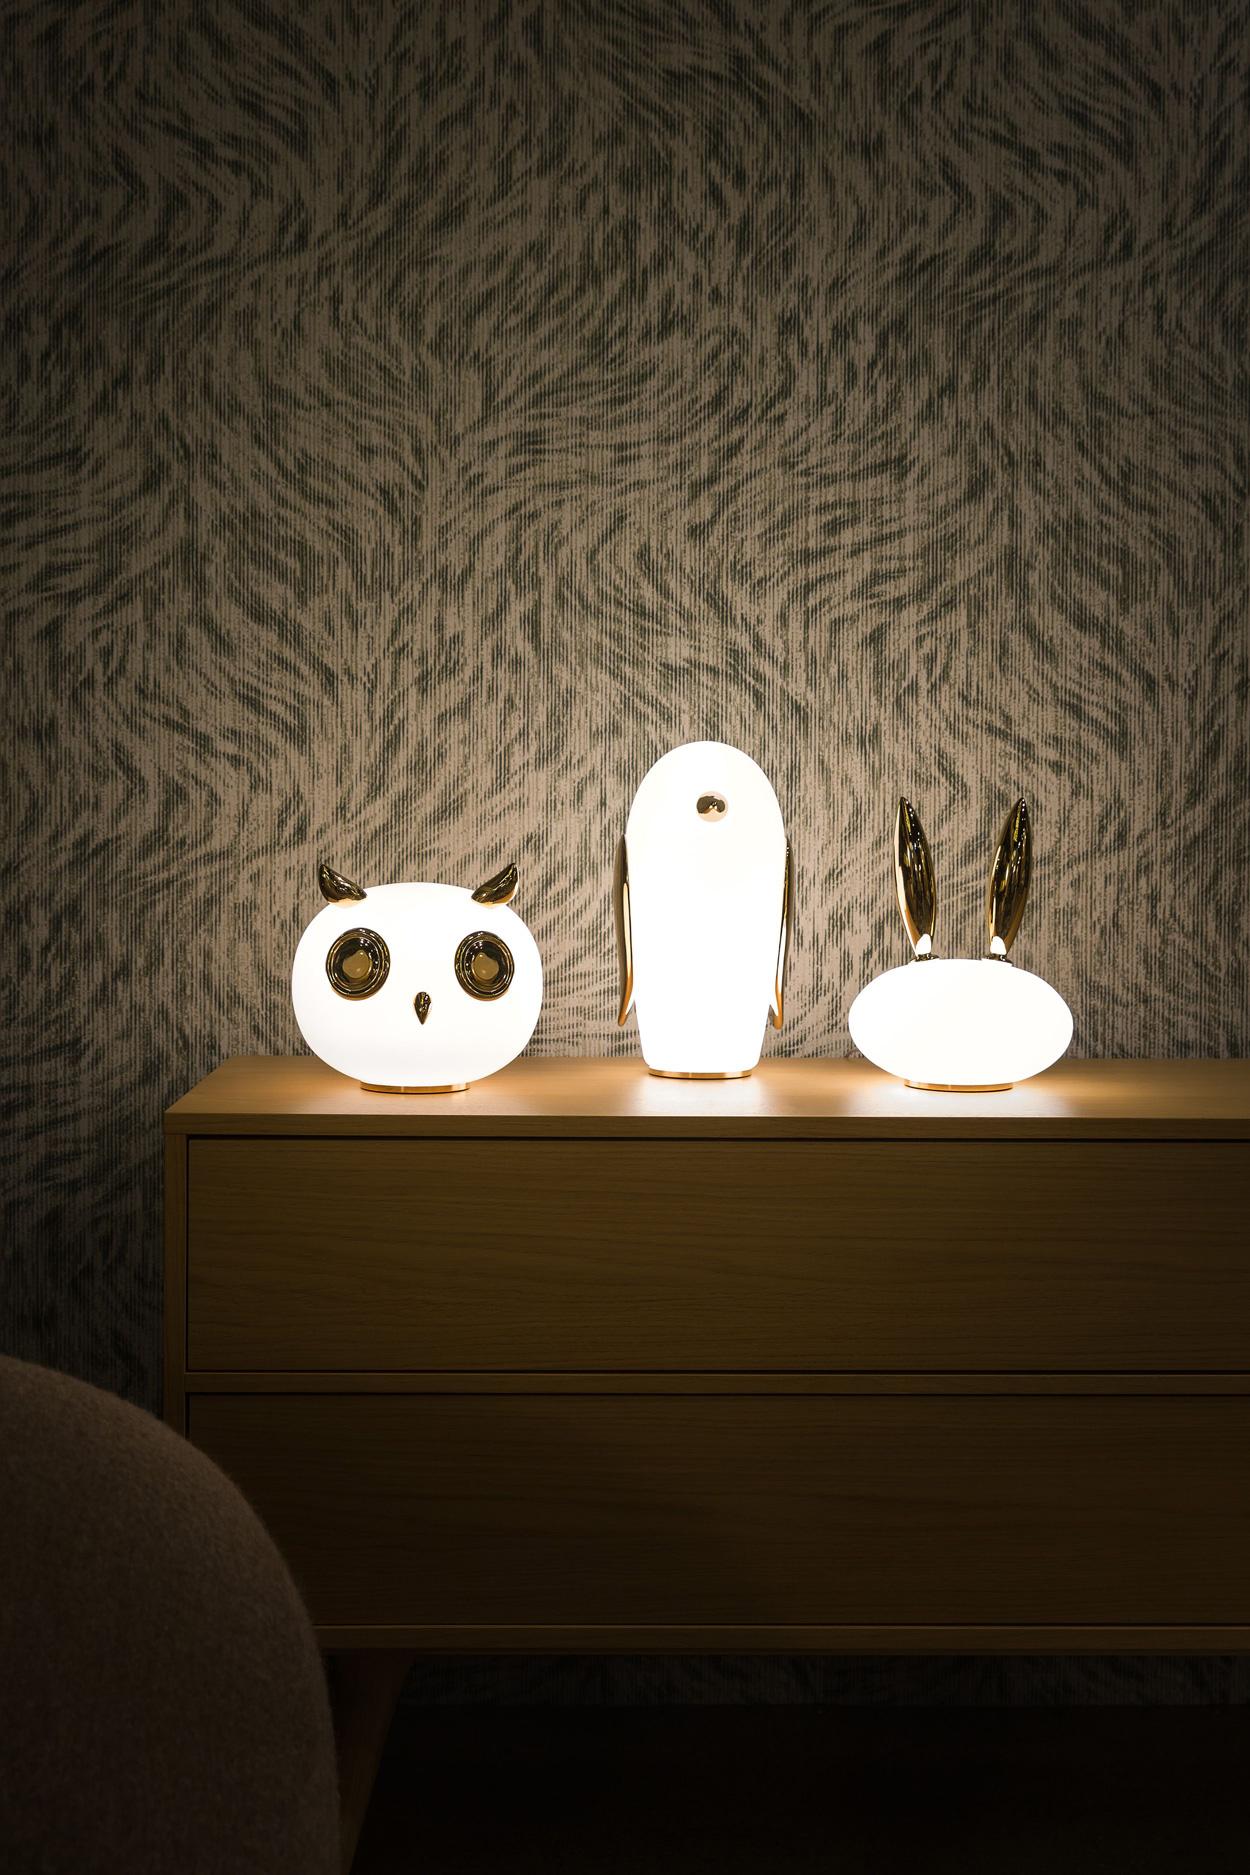 Chique dierenlampen, ontworpen door Marcel Wanders voor Moooi.